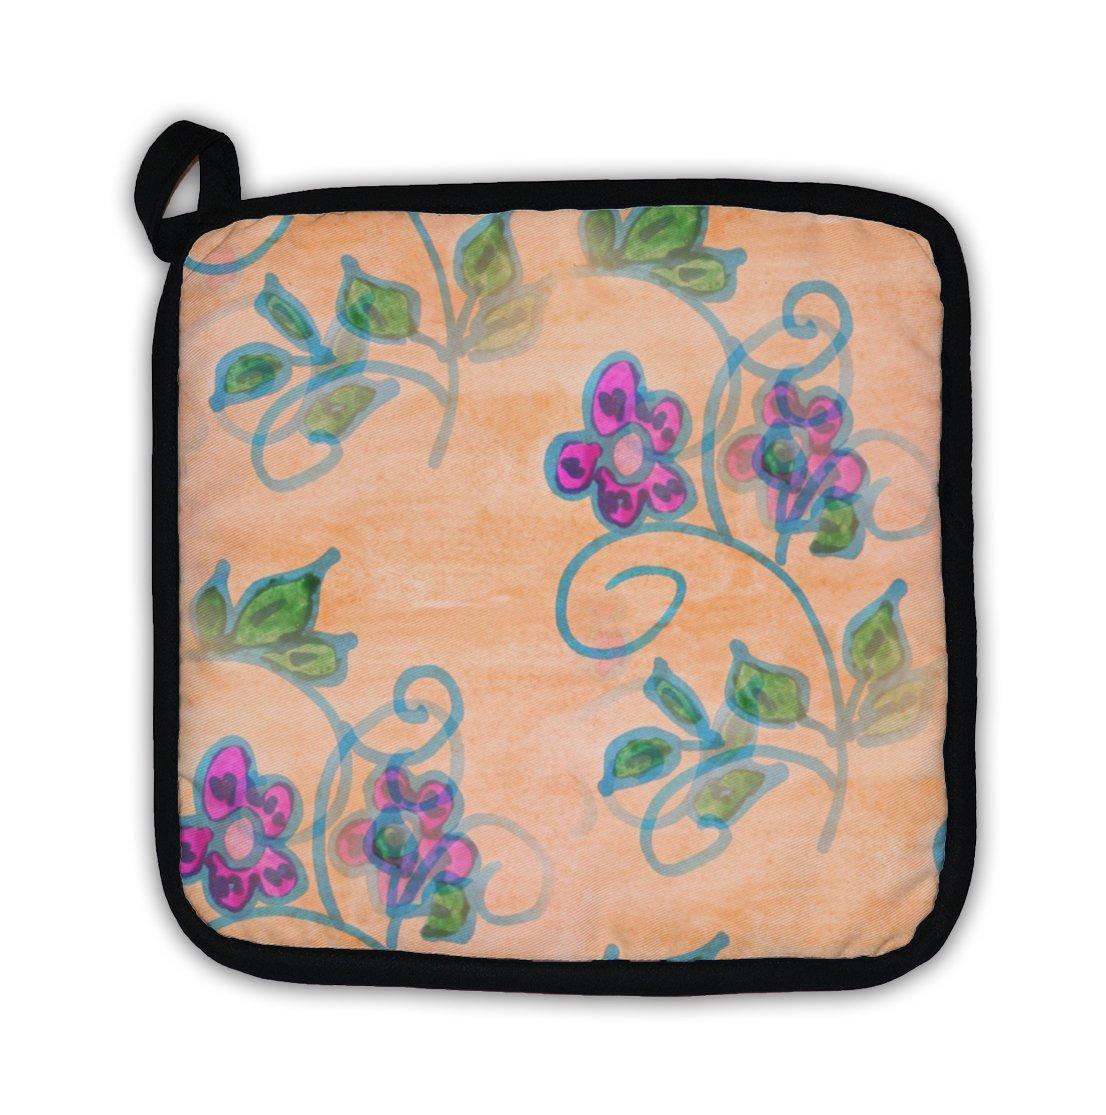 Gear New ''Purple Orange Leaves Watercolor Flowers Wall'' Pot Holder